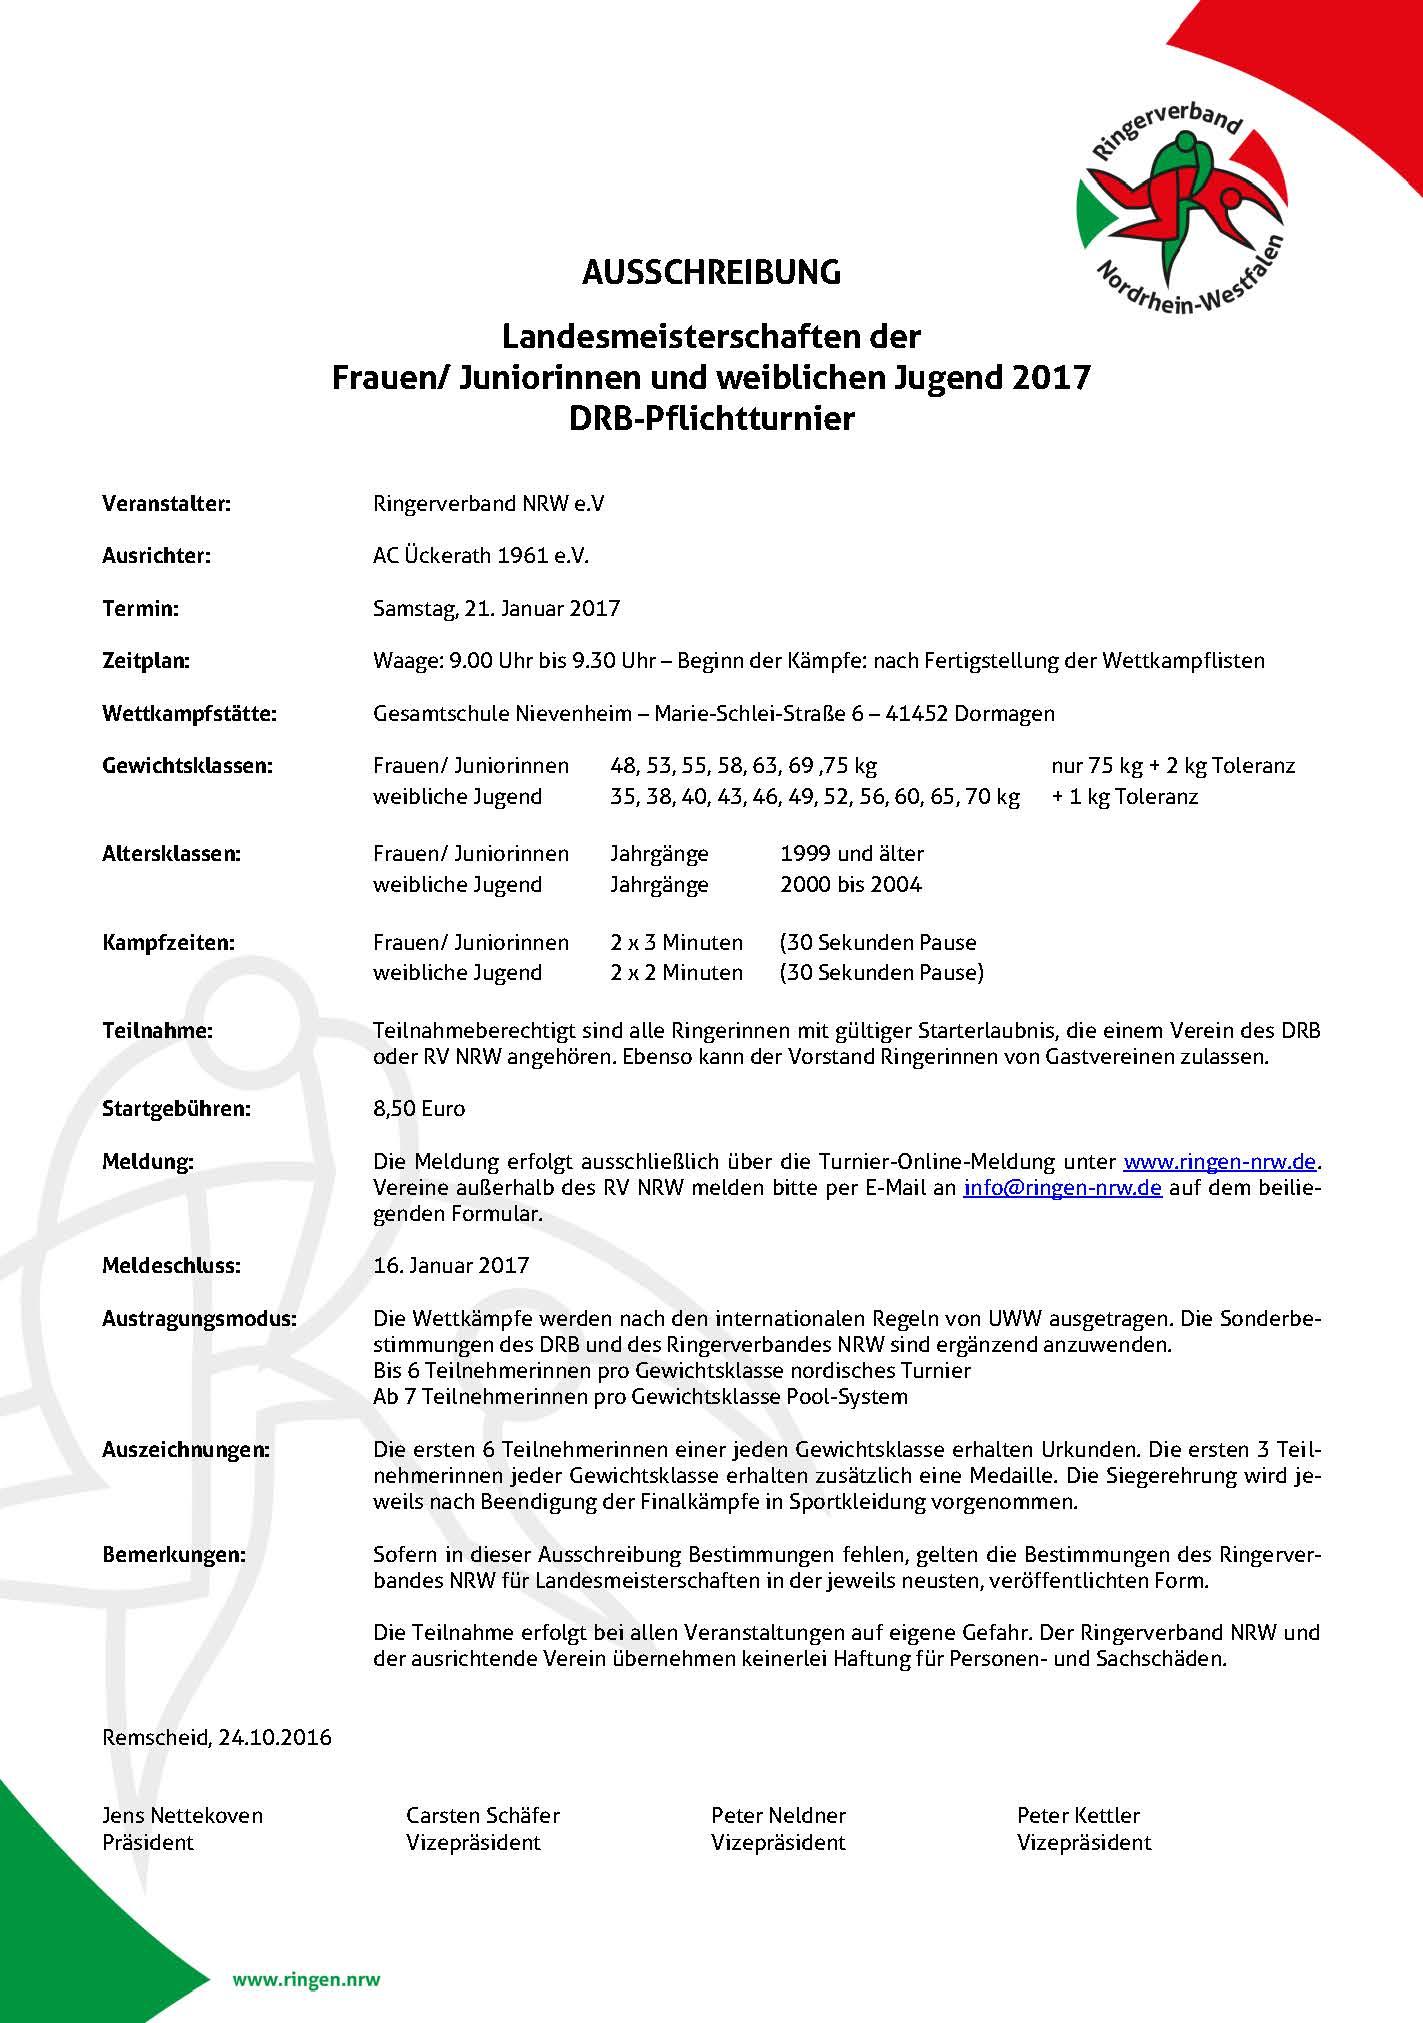 Landesmeisterschaft NRW Frauen/Juniorinnen & weibliche Jugend 2017